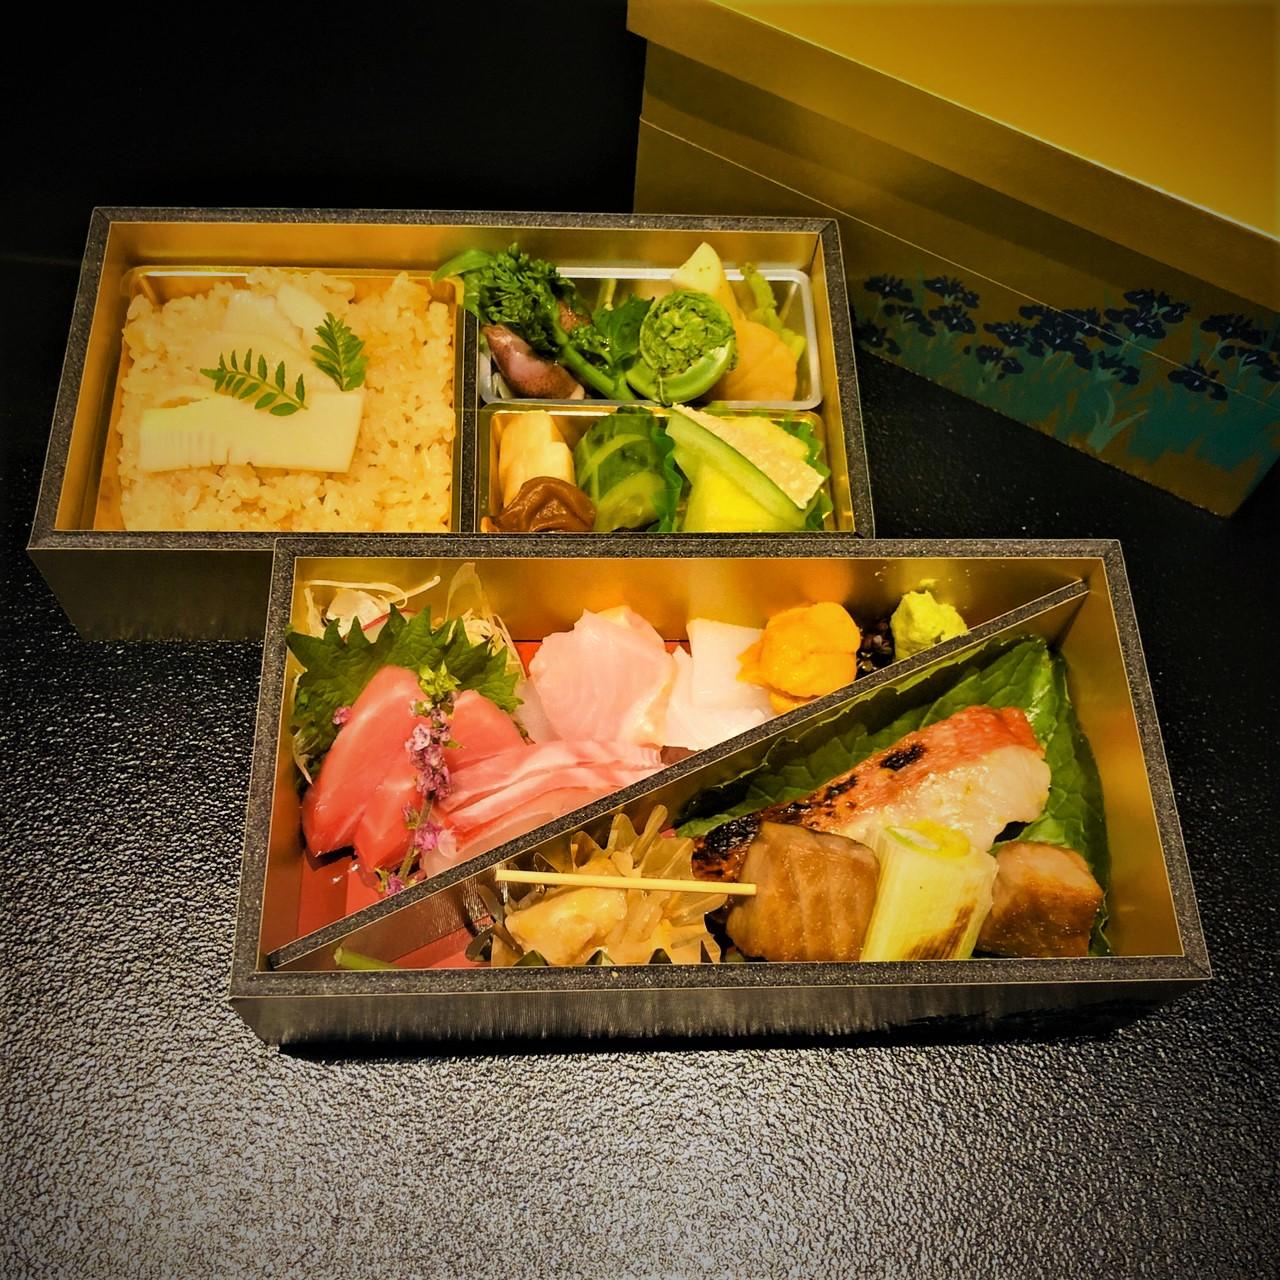 【和膳】 -take out-<p>みつわのコースをお持ち帰り仕様でご用意いたします。 お造りやこだわりの焼魚をメインに、 炊込ご飯・お吸物とともにお召し上がりくださいませ。</p>